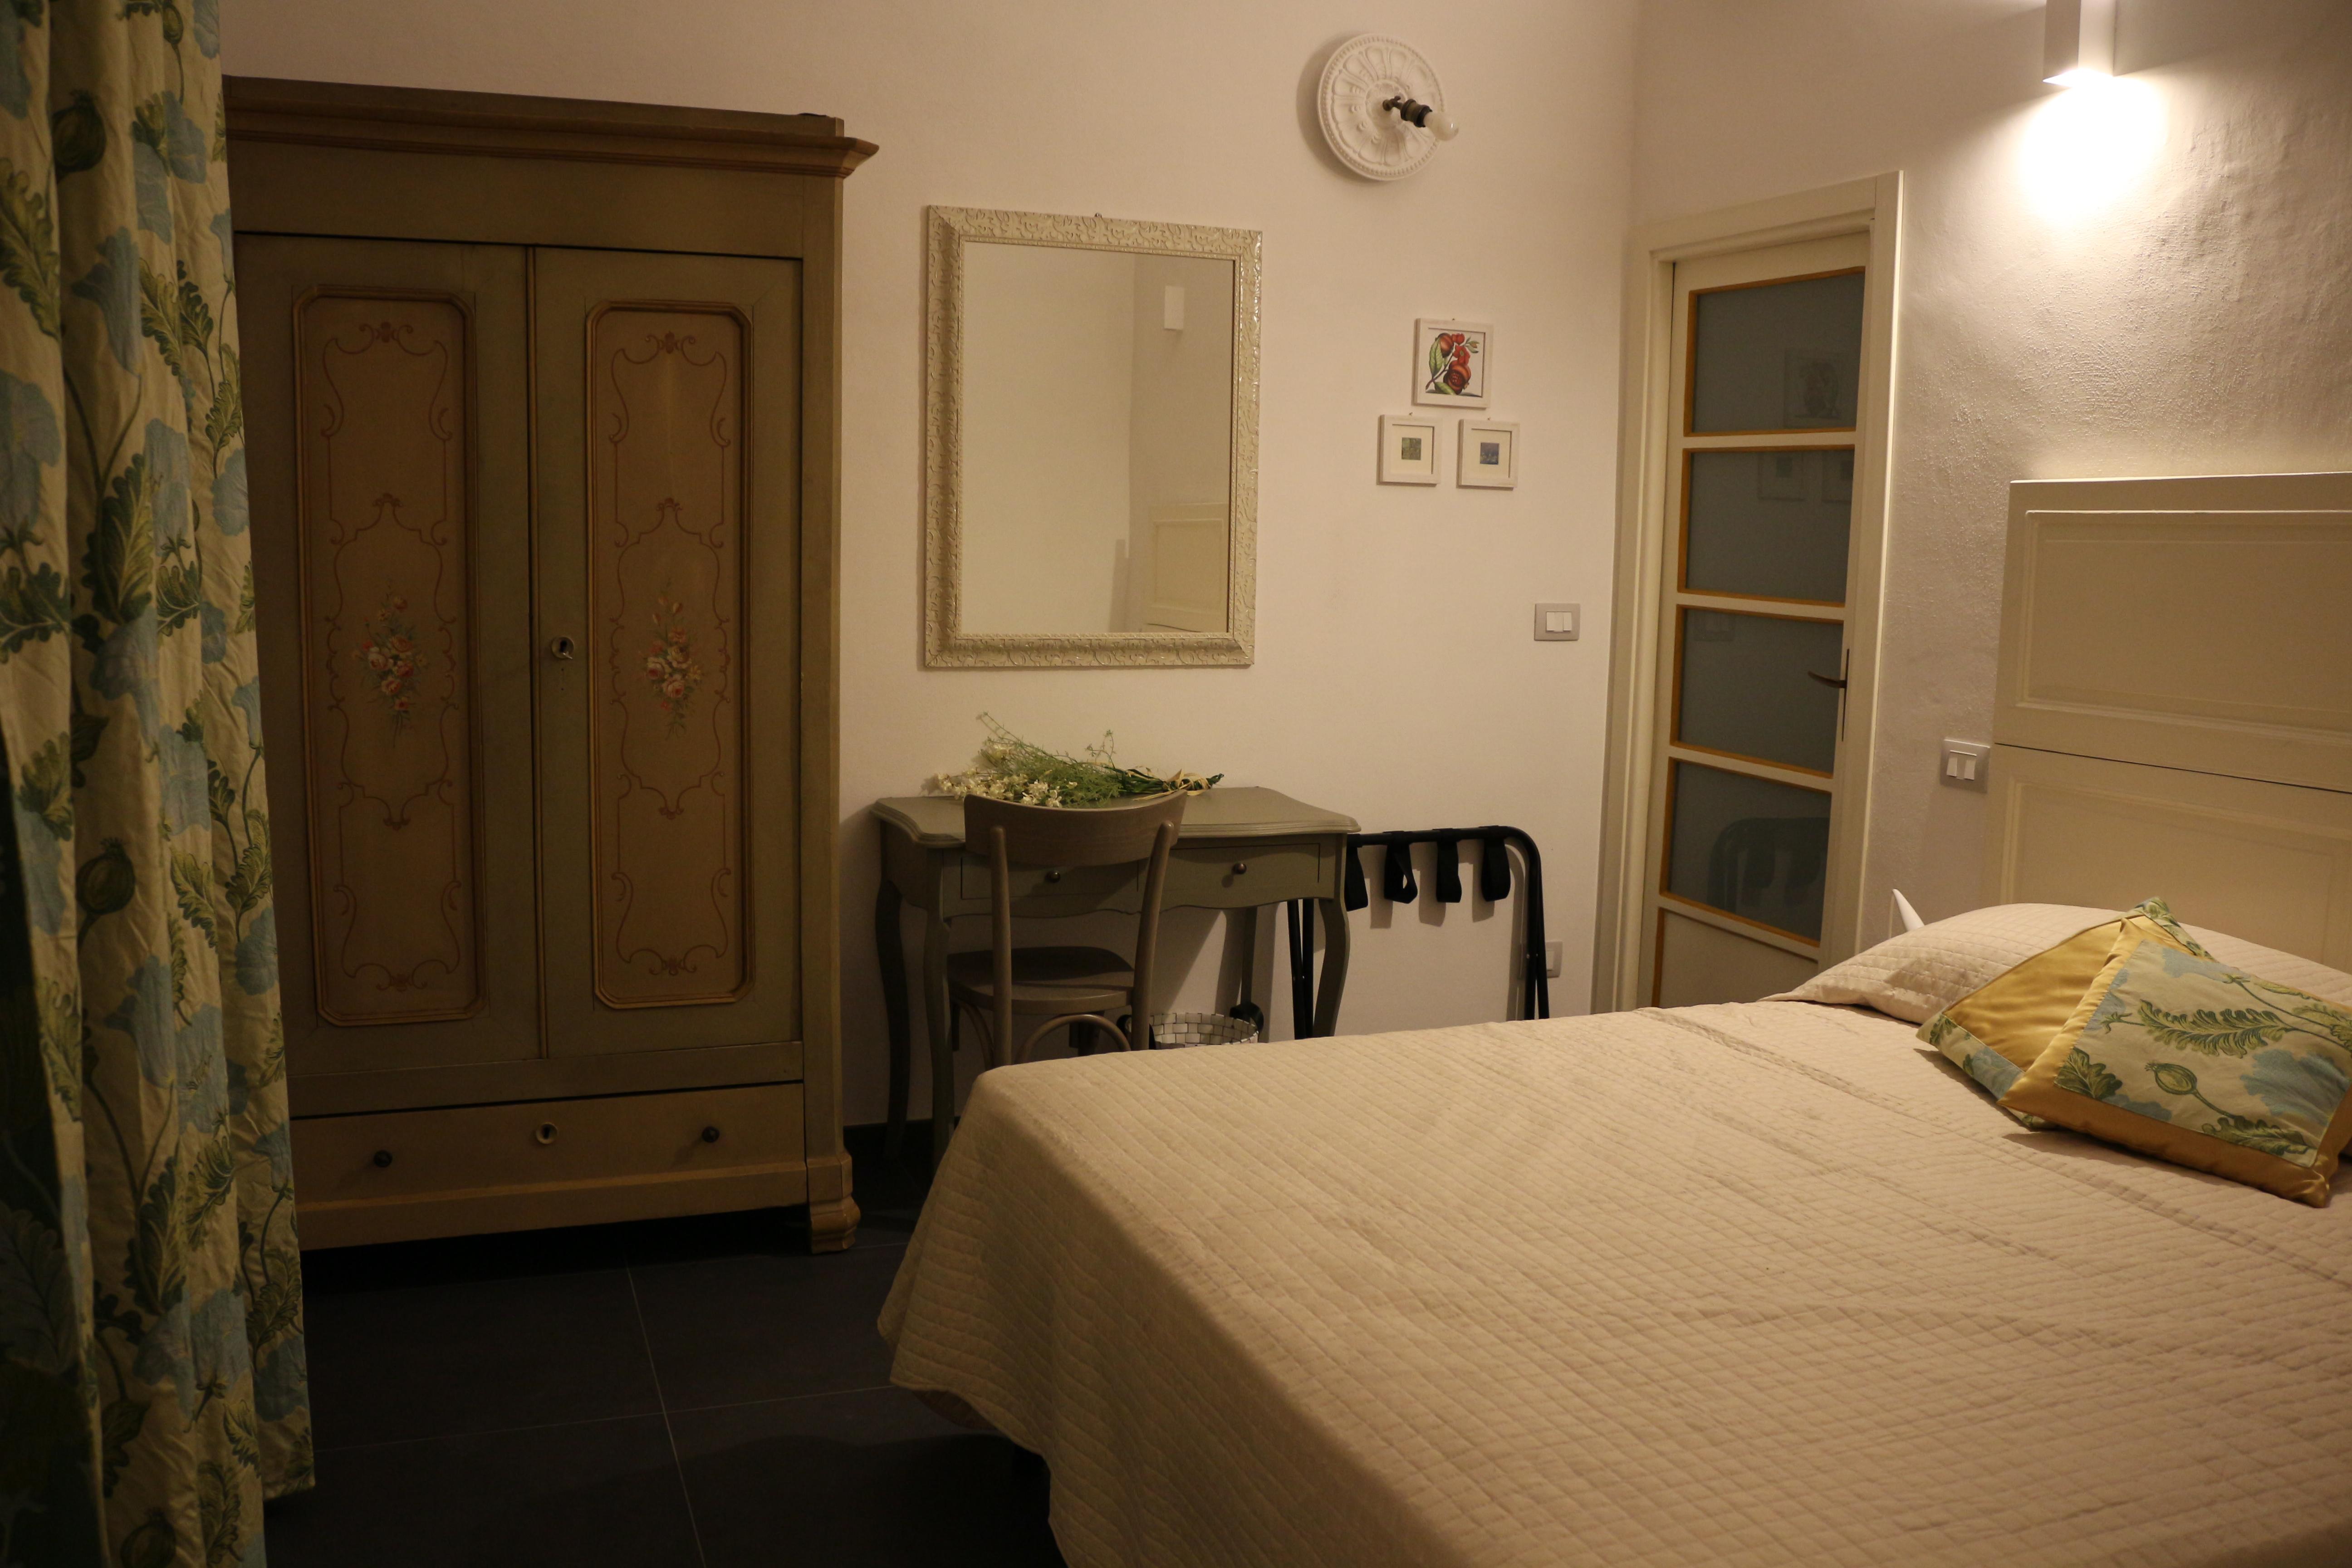 Affittacamere Casa Italia Camera Vento Appartamenti Serviti In Affitto A Spotorno Liguria Italia